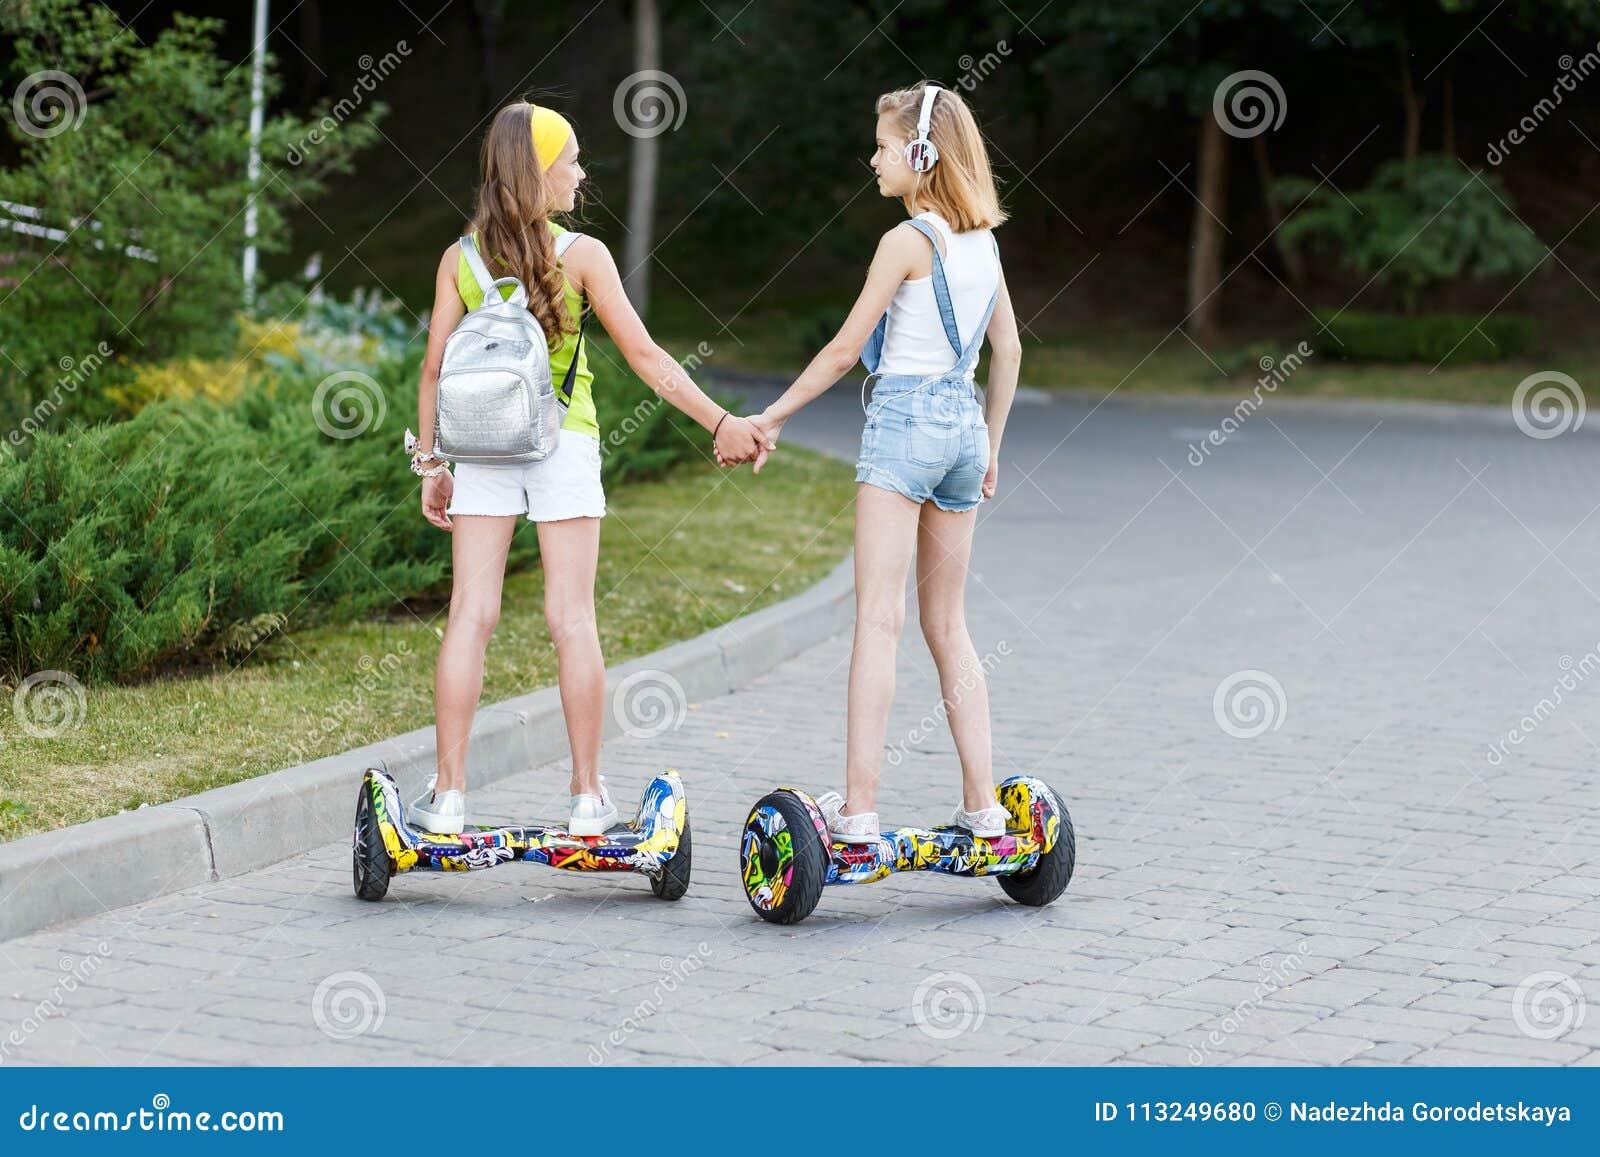 Δύο αρκετά ευτυχή κορίτσια που οδηγούν αιωρούνται τον πίνακα ή gyroscooter υπαίθρια στο ηλιοβασίλεμα το καλοκαίρι Ενεργός έννοια